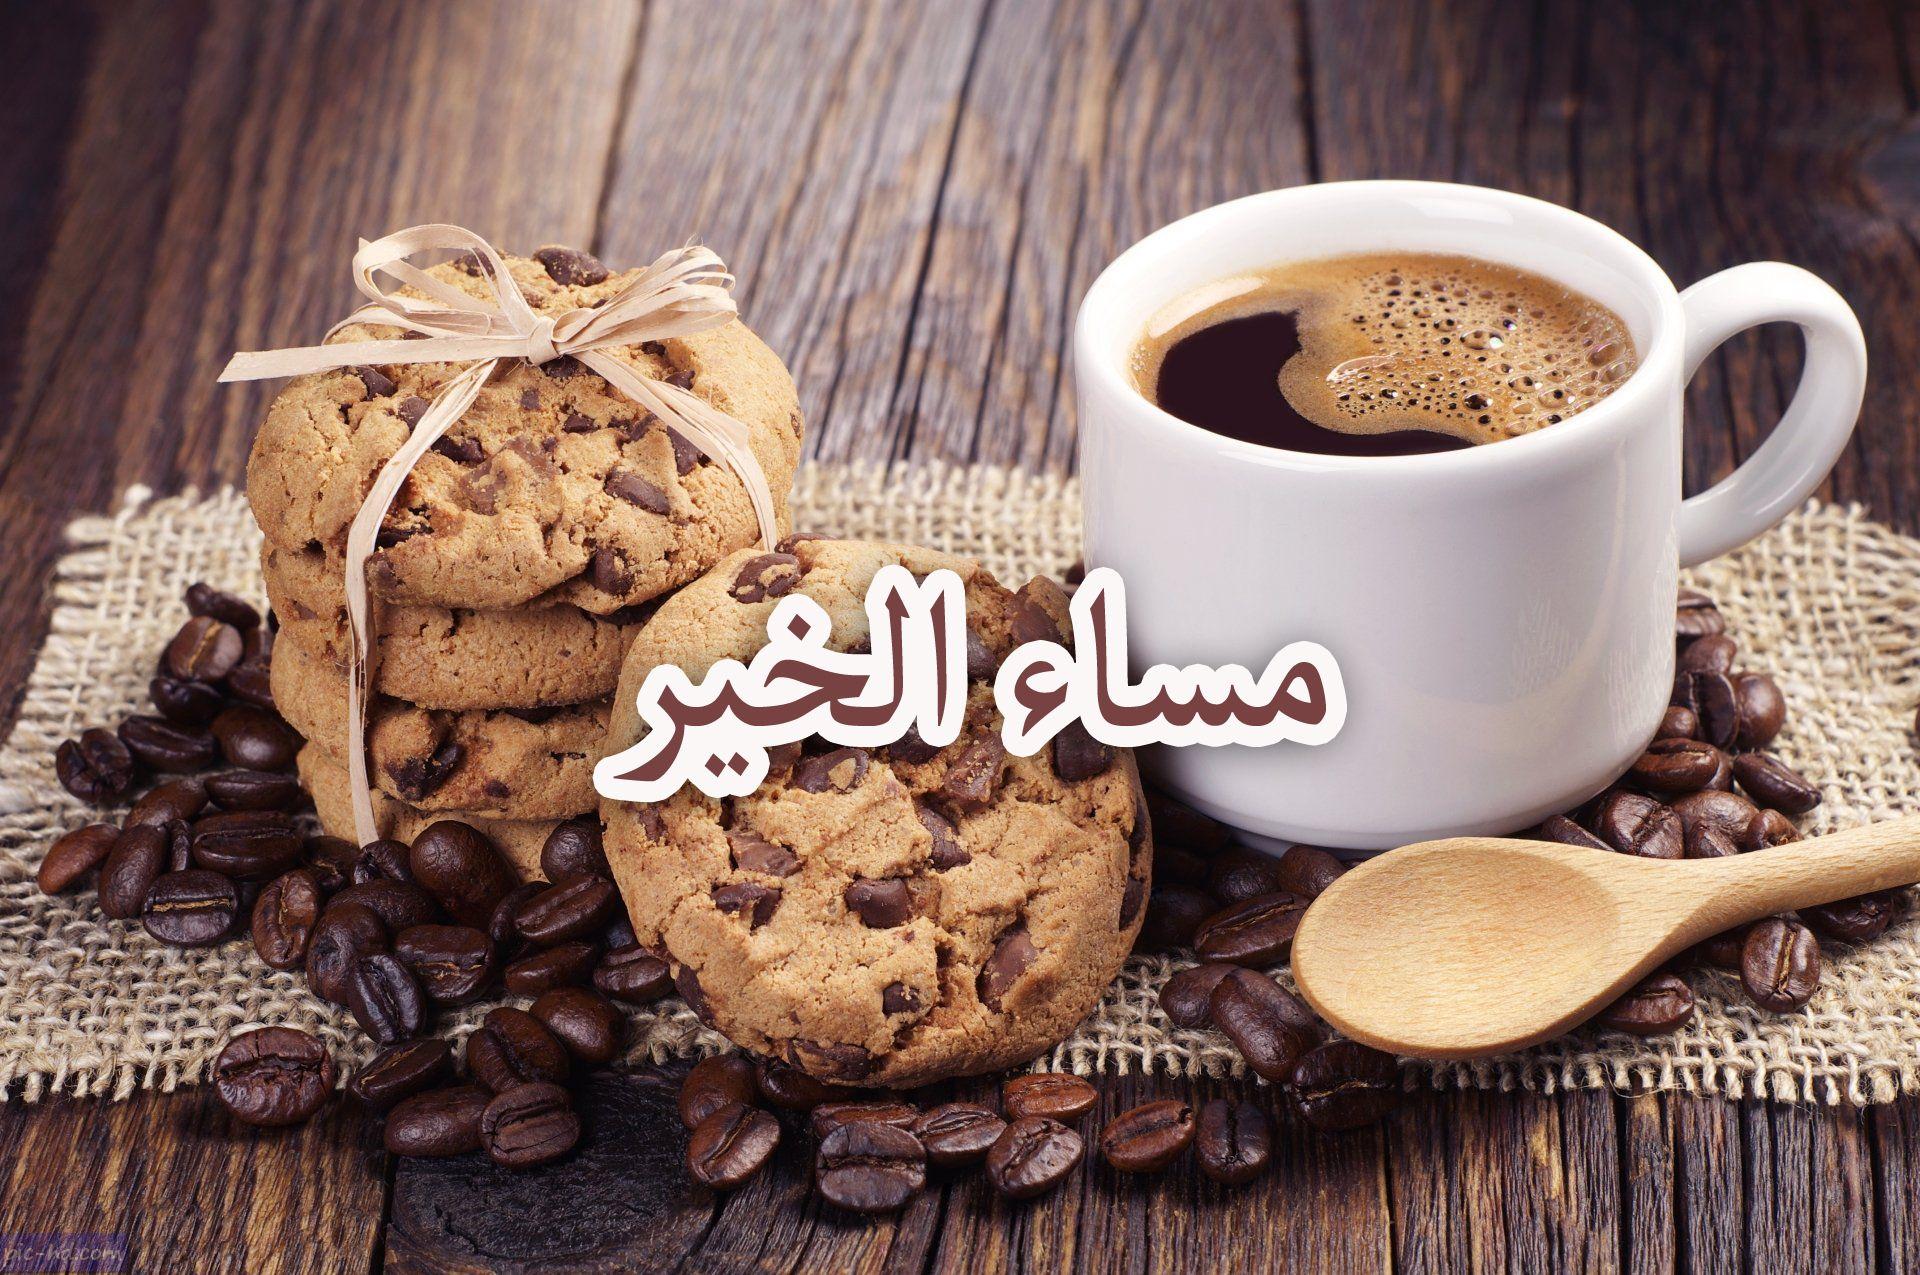 صور قهوة مكتوب عليها مساء الخير صور القهوة المسائية Chocolate Chip Cookies Best No Bake Cookies Chip Cookies